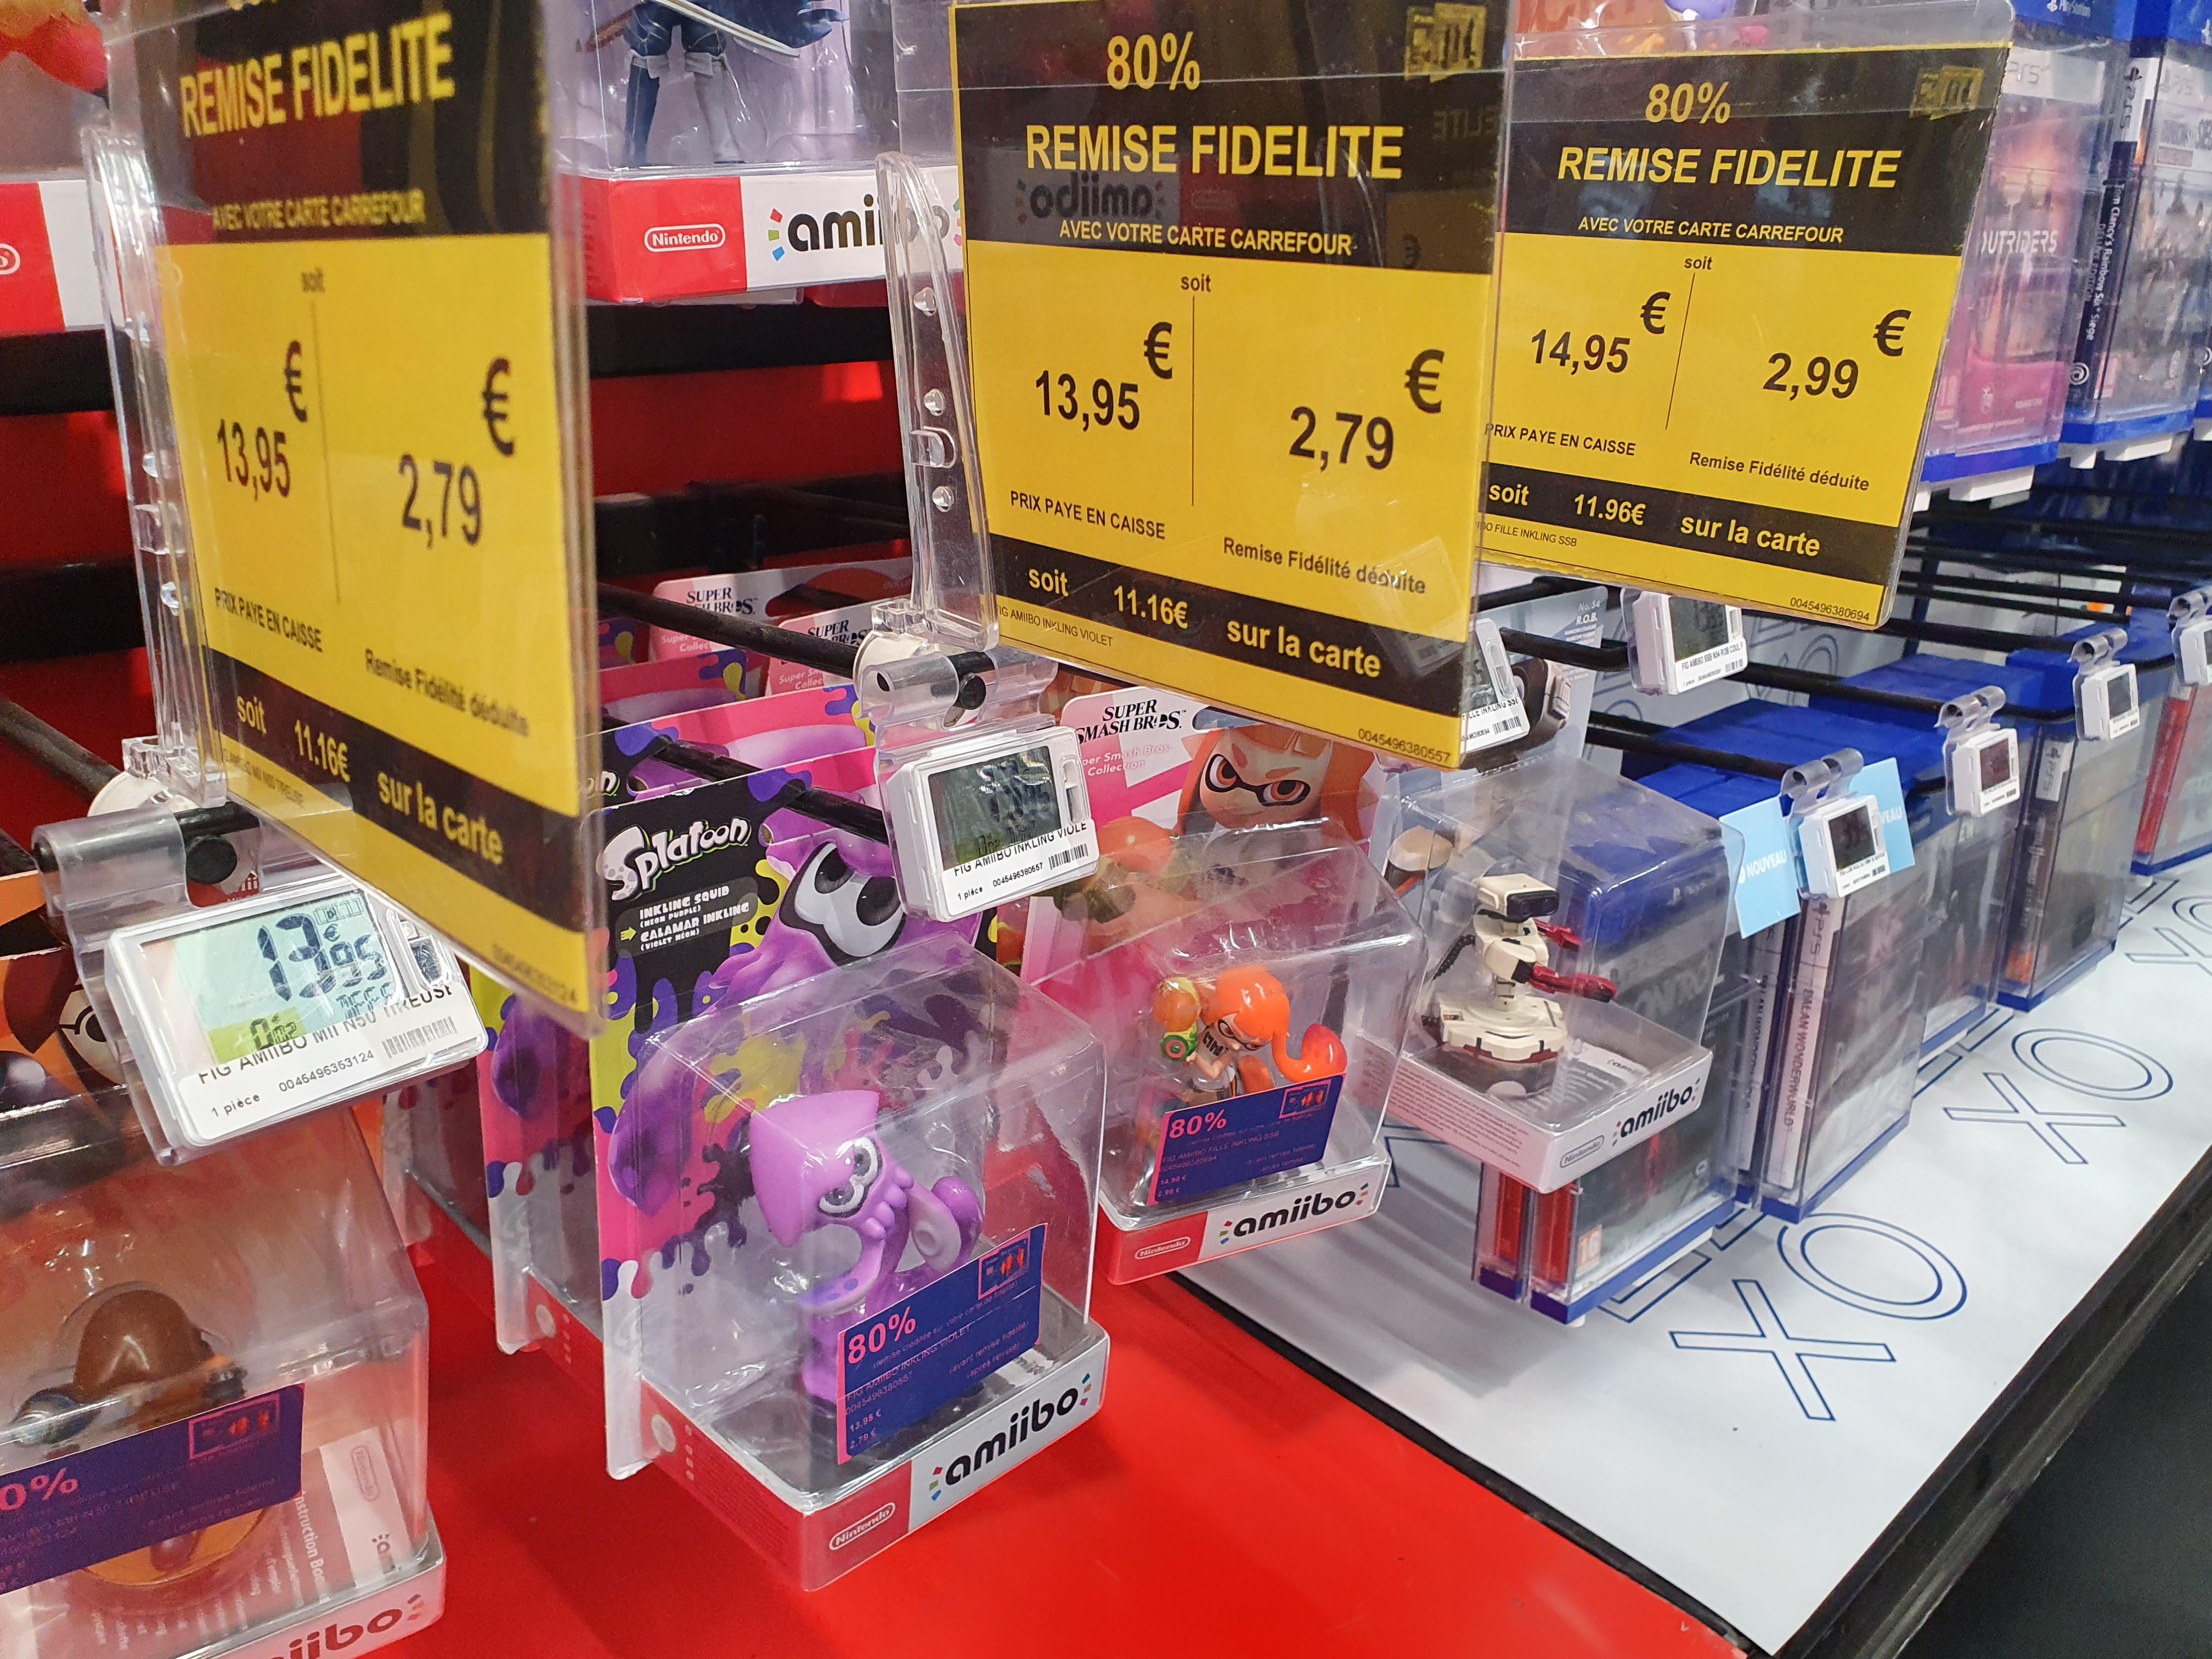 Sélection d'accessoires et jeux vidéo remboursé à 80% sur la carte - Carrefour Ecully (69)